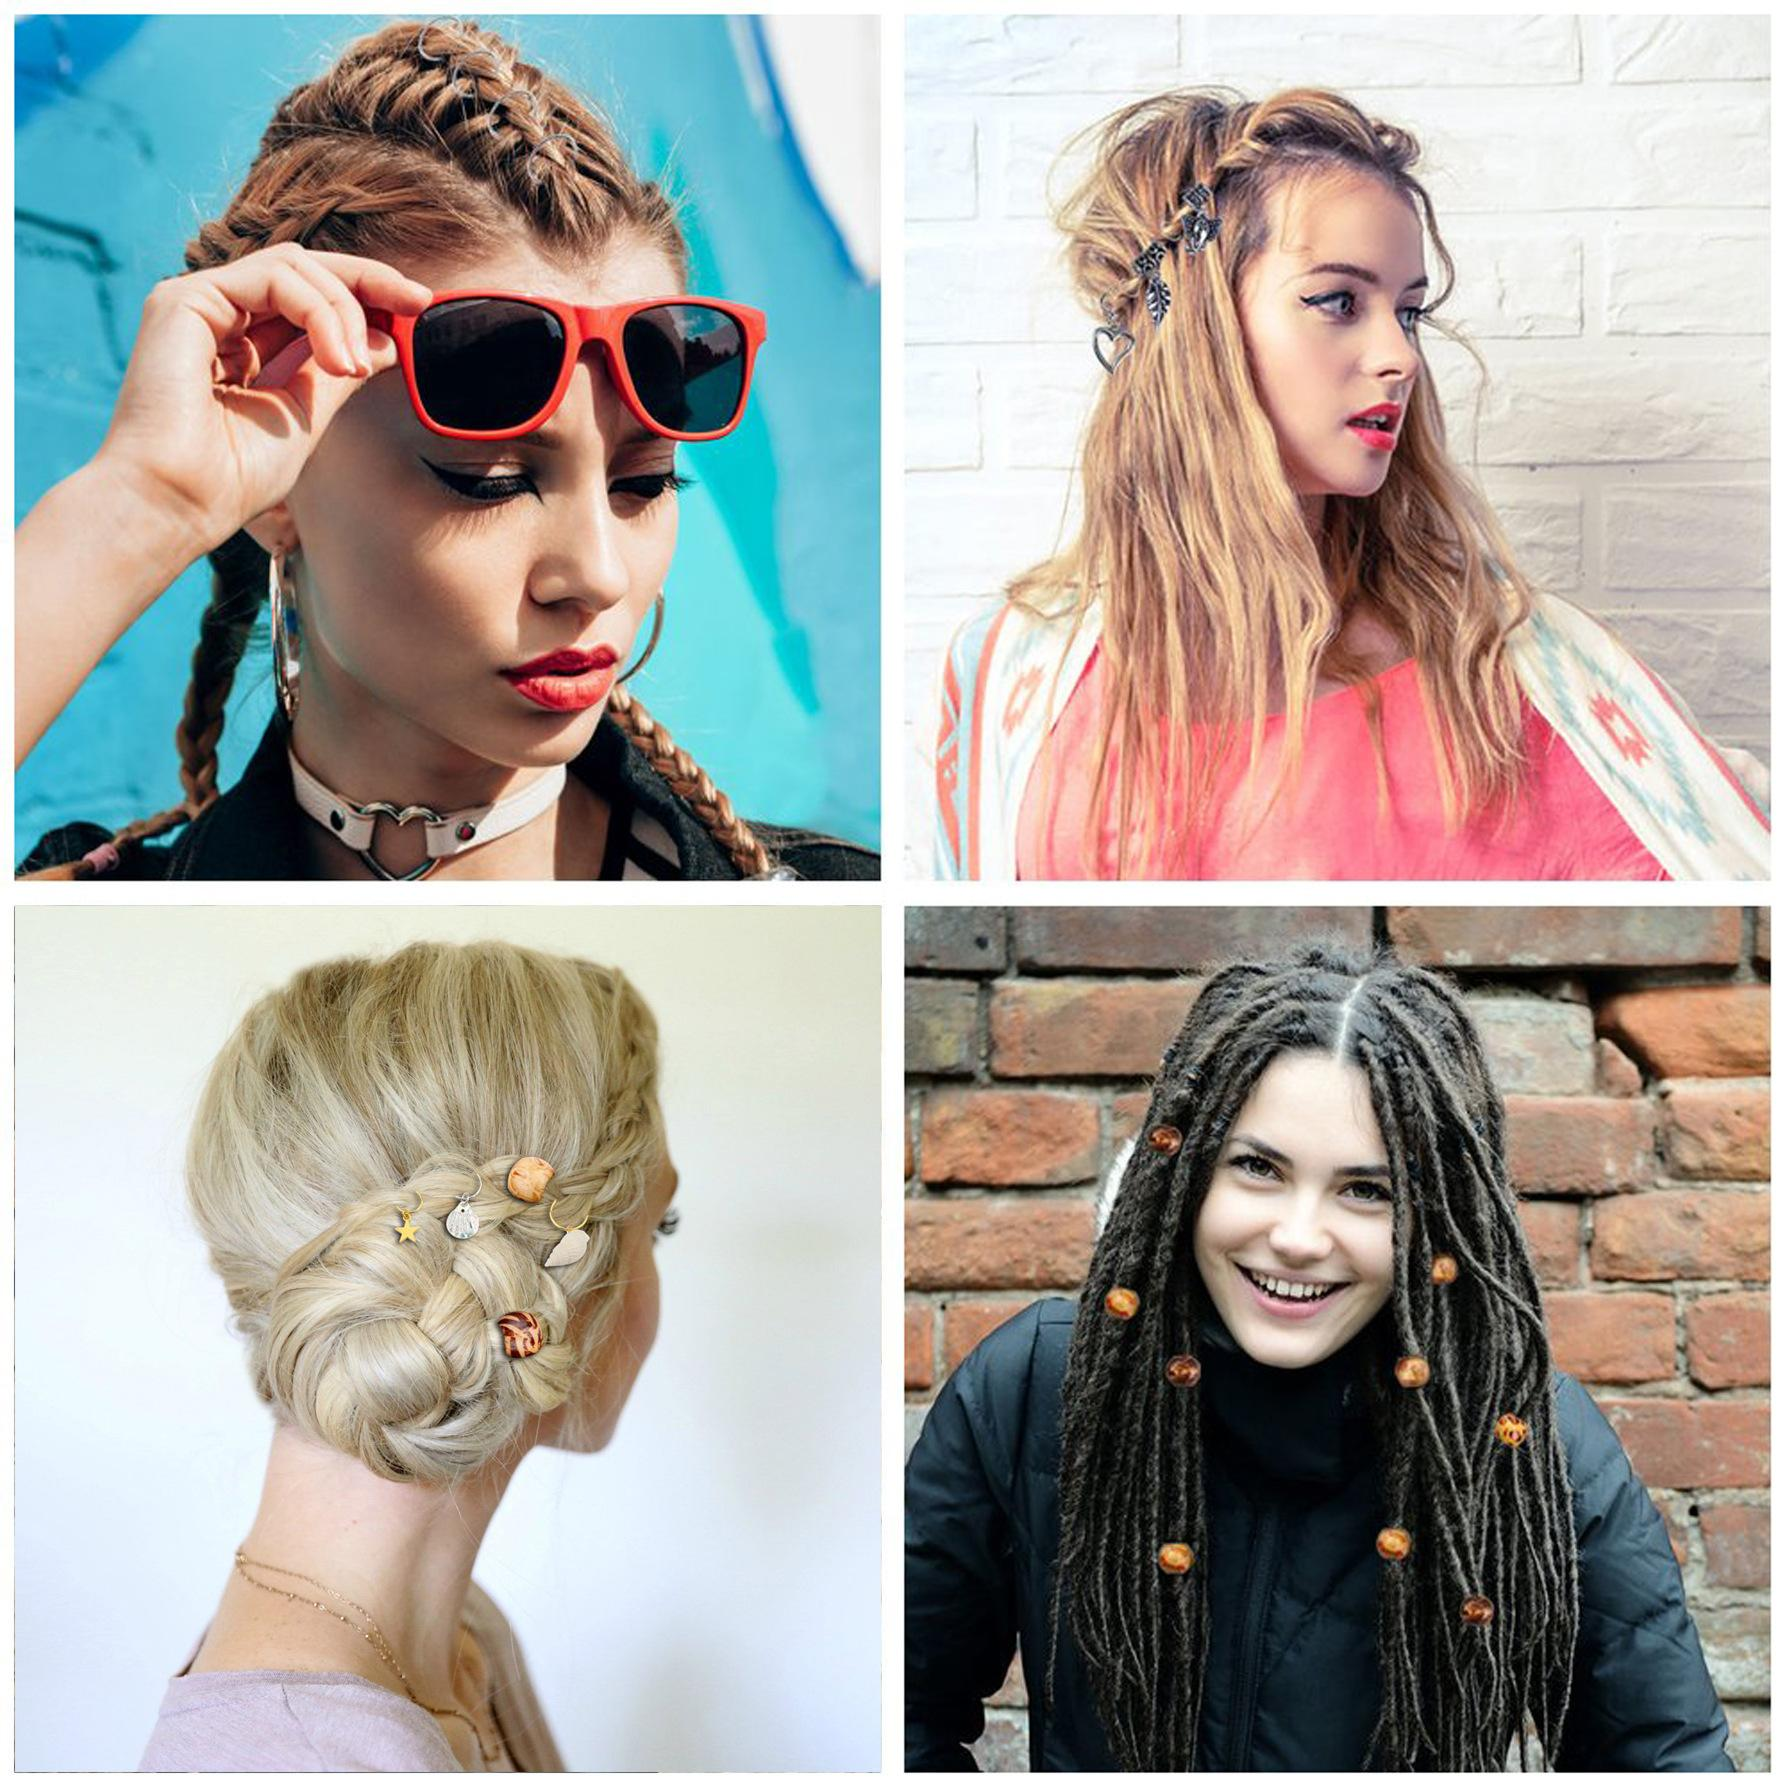 Naro Anneaux microbilles cheveux Braid Cuff africaine style sale Braid Anneau Rafraîchissez Hairpin ronde Métal Boucle Braid Coiffe étoile Hairband Hairpin